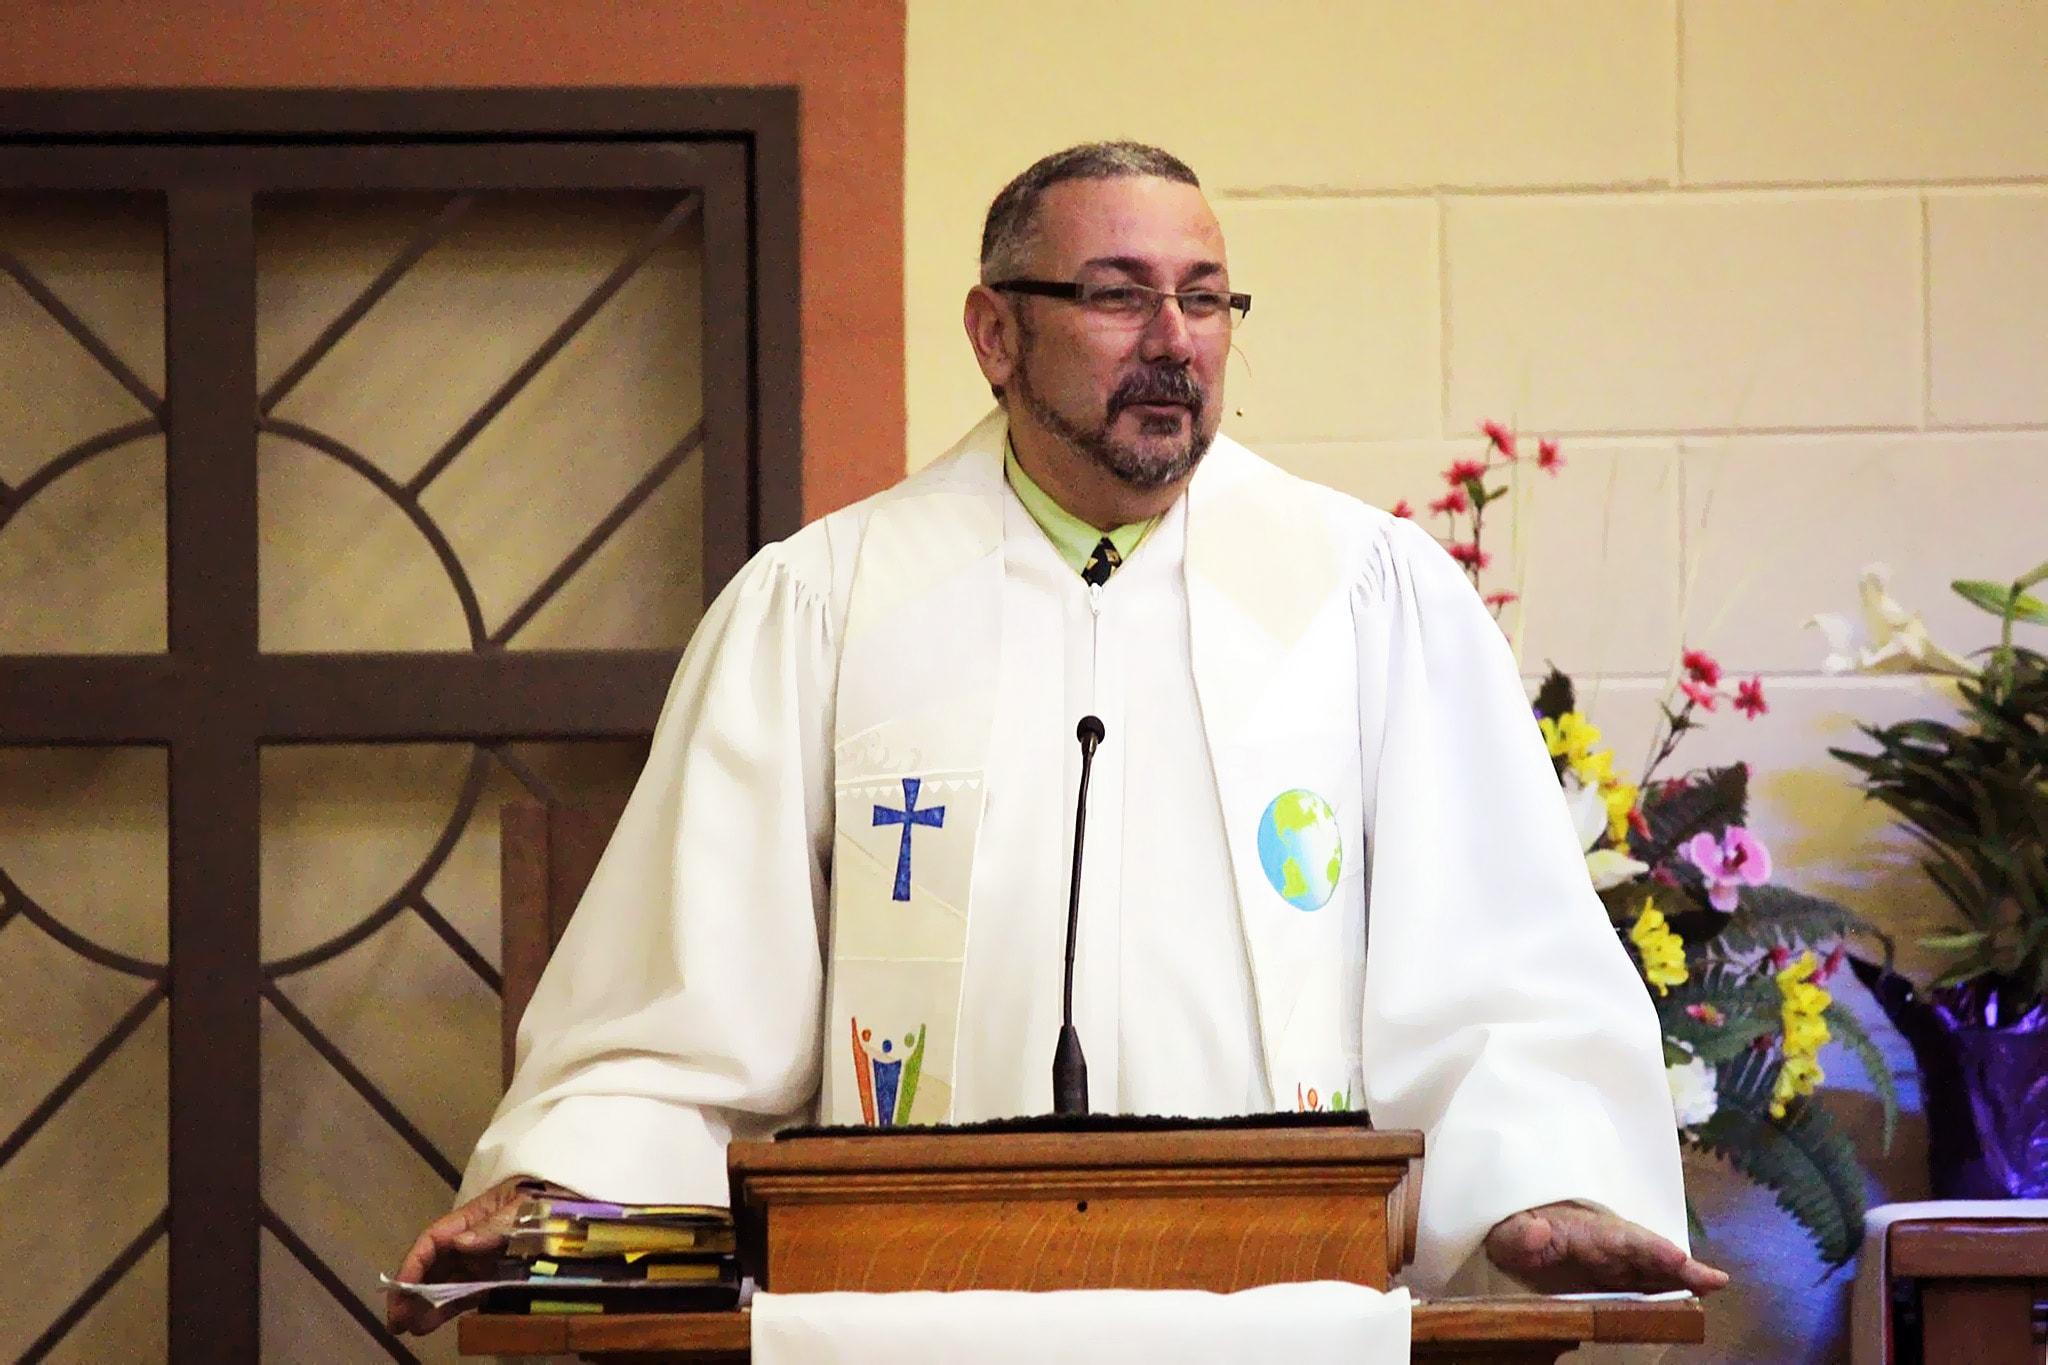 El Rev. Santos trabajará colaborando en el desarrollo e implementación de un nuevo enfoque para los Ministerios Hispano-Latinos en el Pacífico-Noroeste. Foto cortesía Rev. Cruz Edwin Santos.